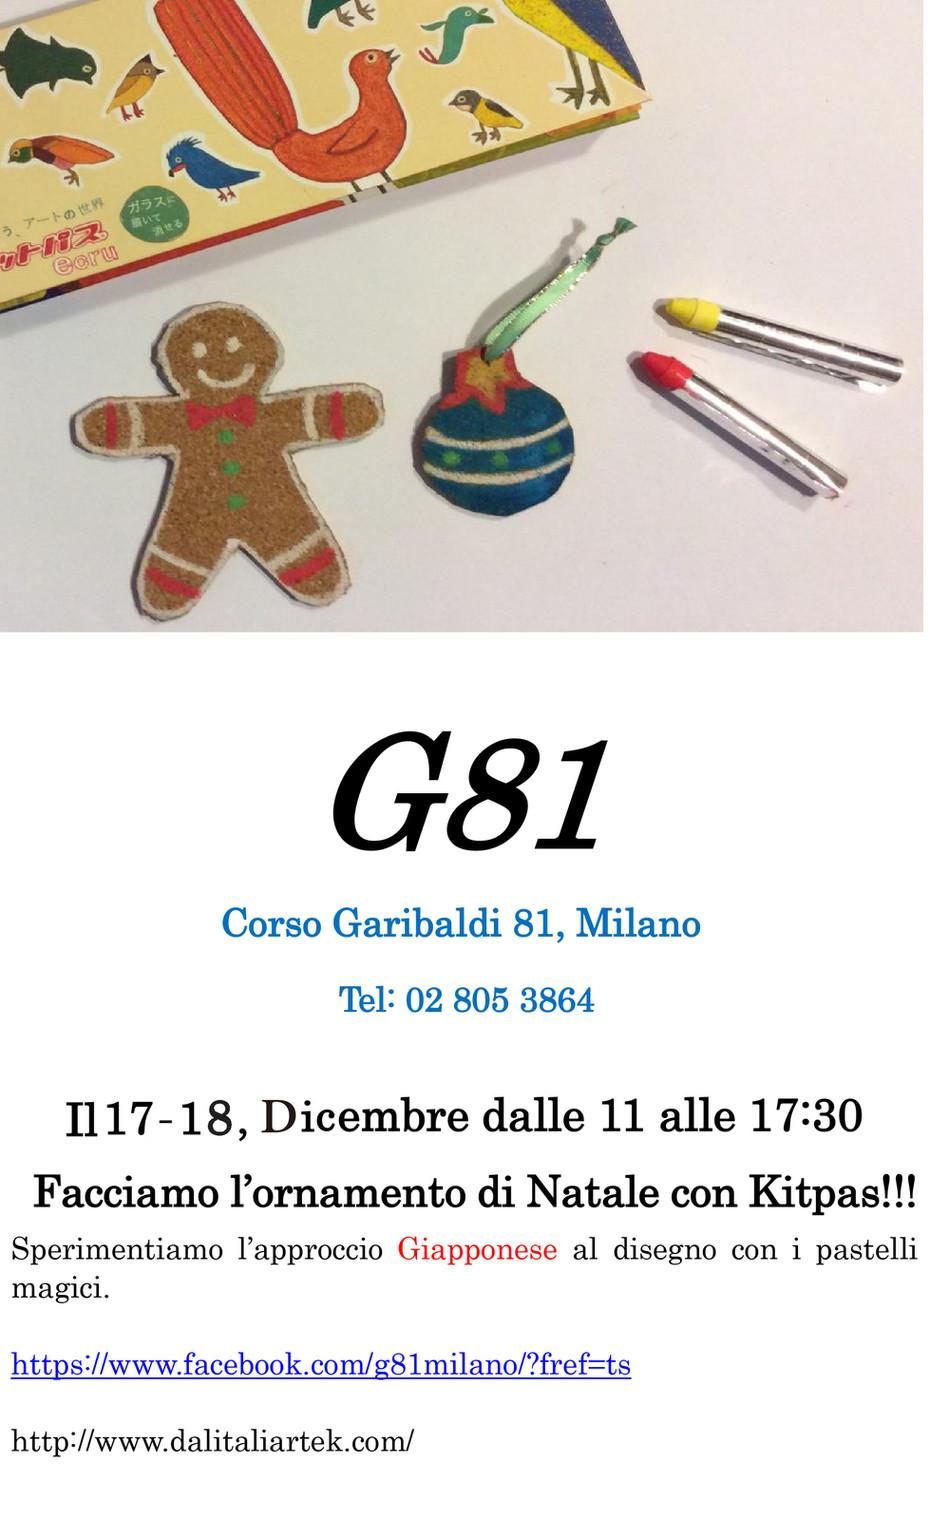 Facciamo l'ornamento di Natale con Kitpas!!!